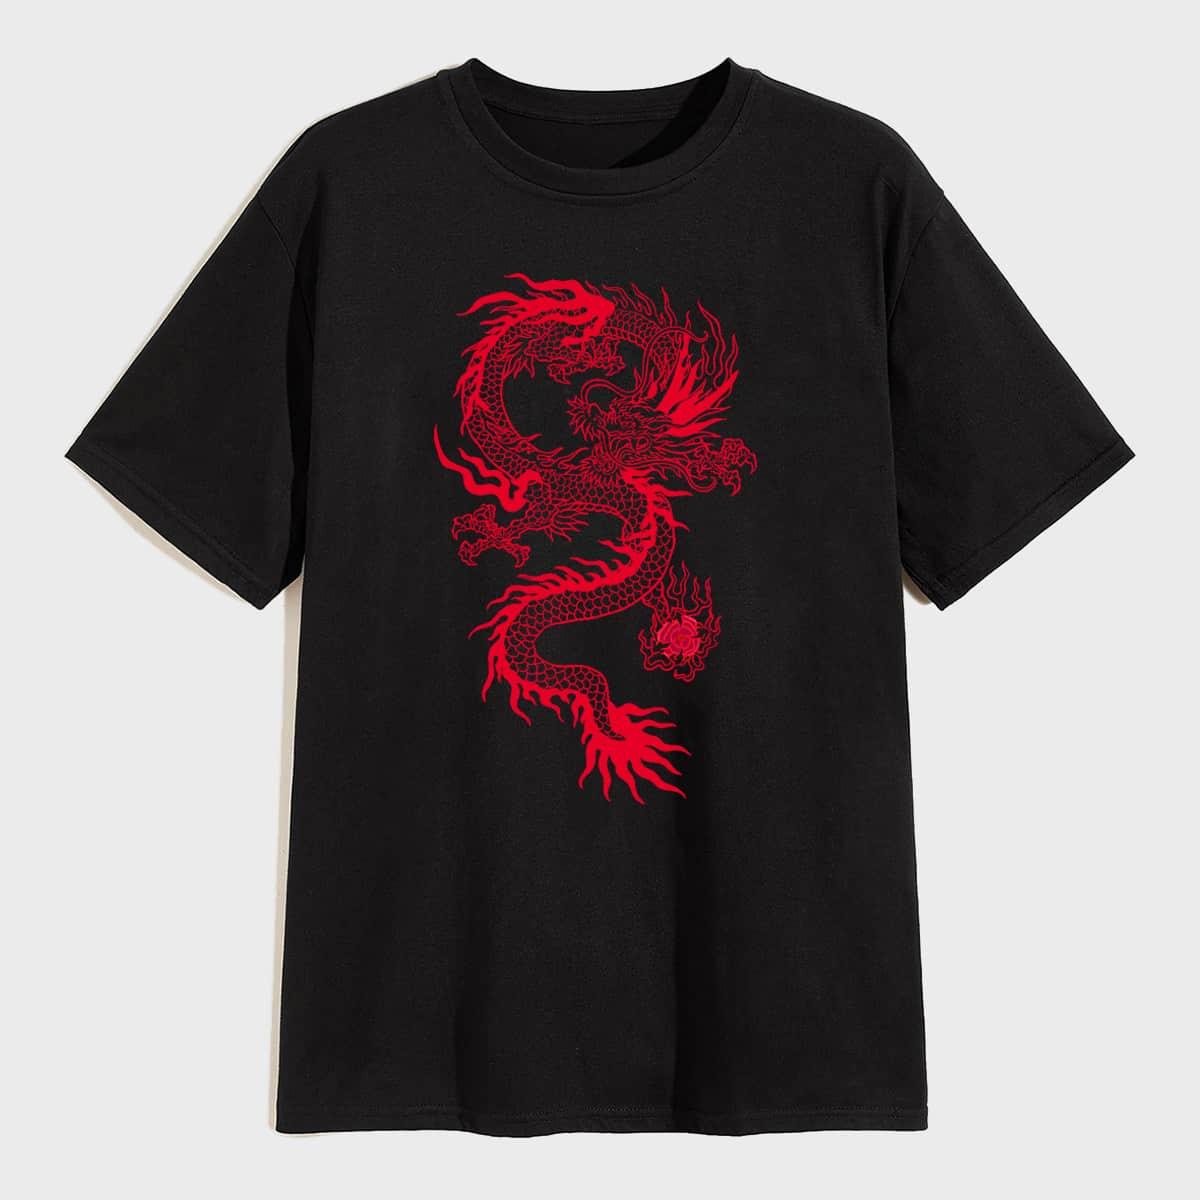 T-Shirt mit Drachen Muster und kurzen Ärmeln